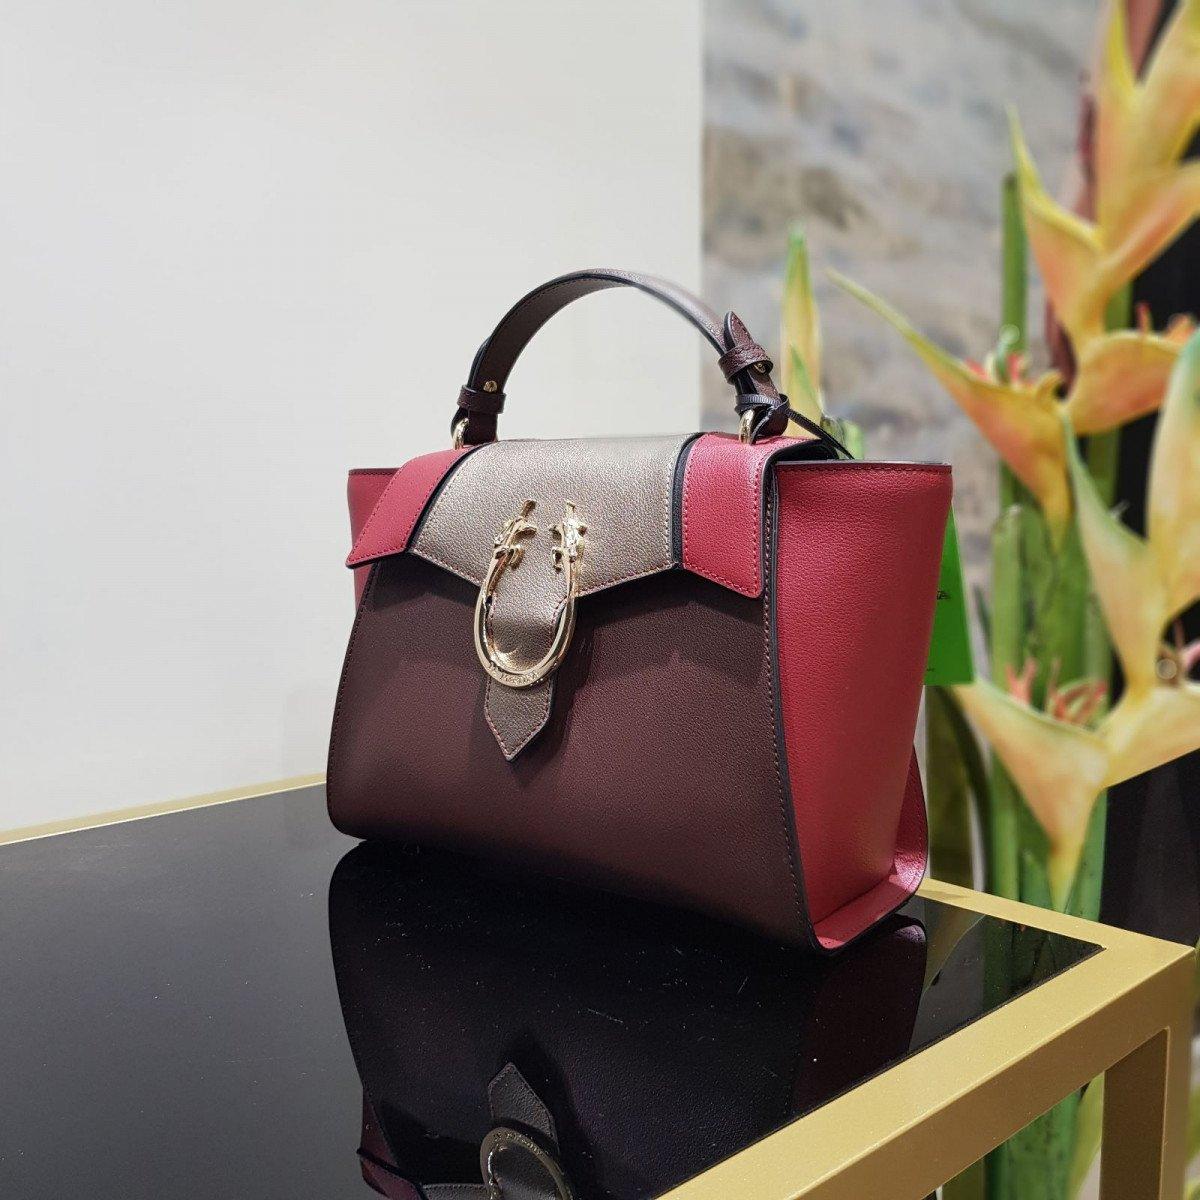 Женская кожаная сумка La Martina 41W357 O0032 puce b biking pewt из натуральной кожи